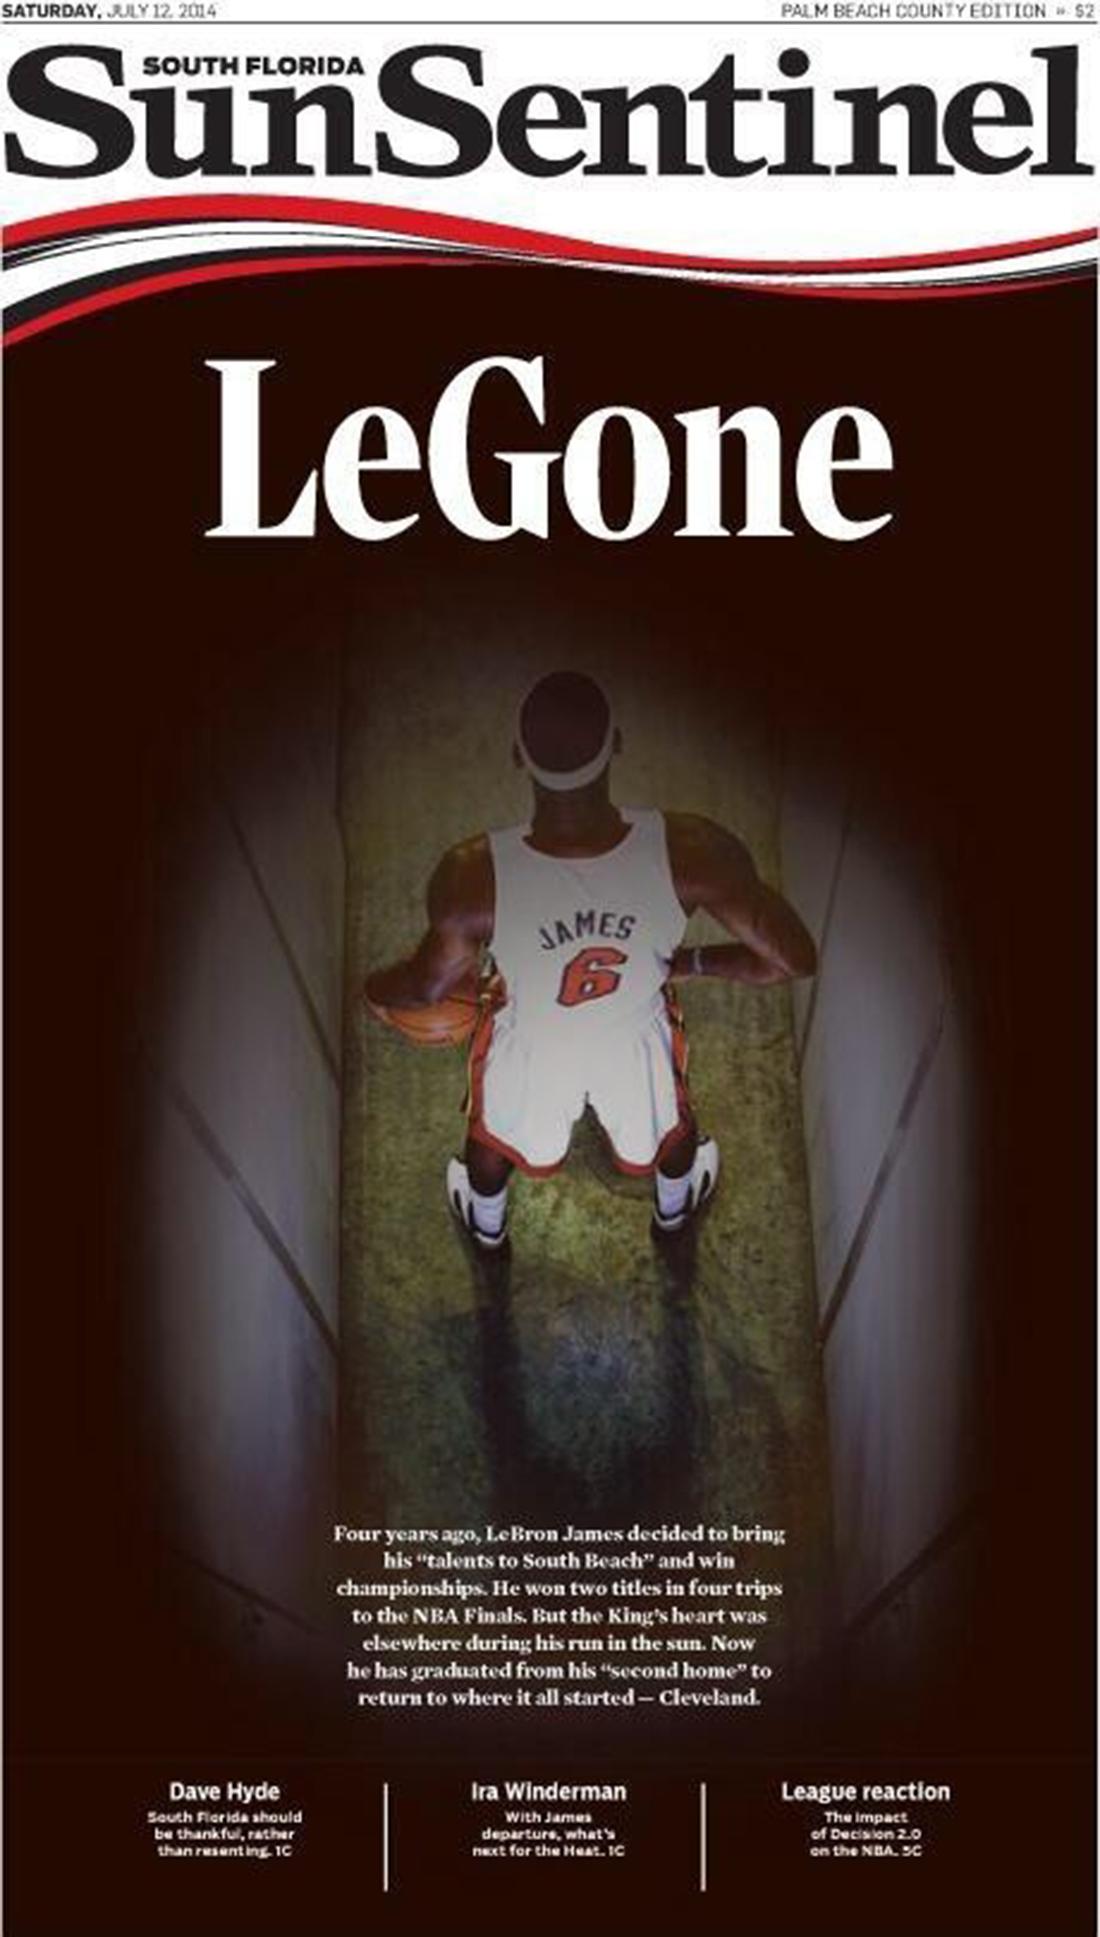 LEBRON de regreso a los cavs en viva basquet